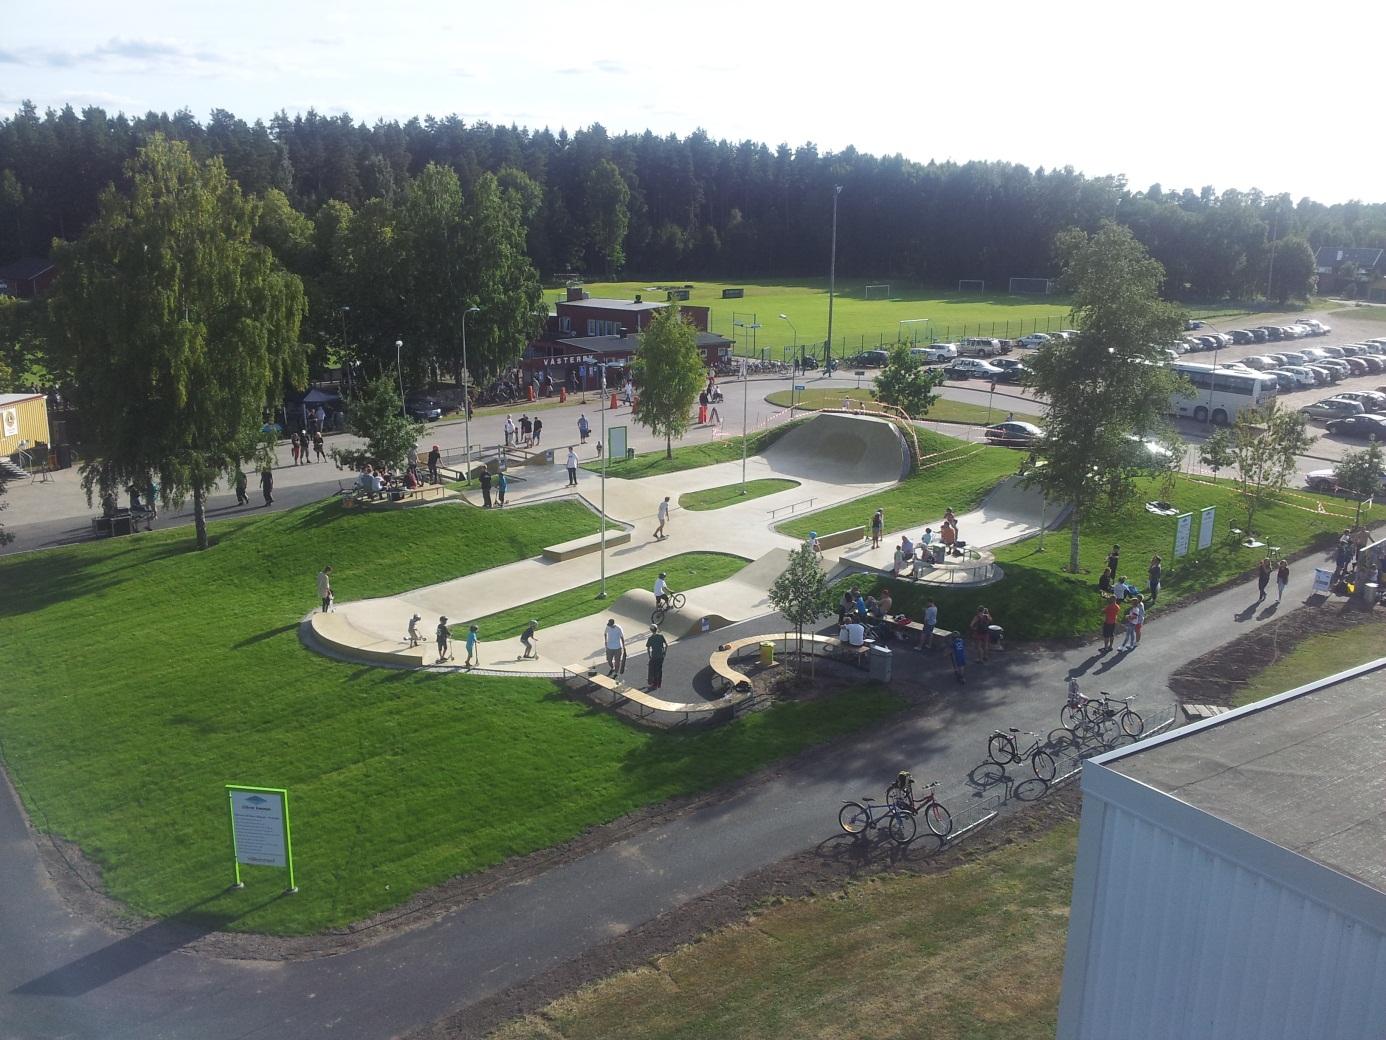 G 246 Tene Skatepark G 246 Tene Kommun